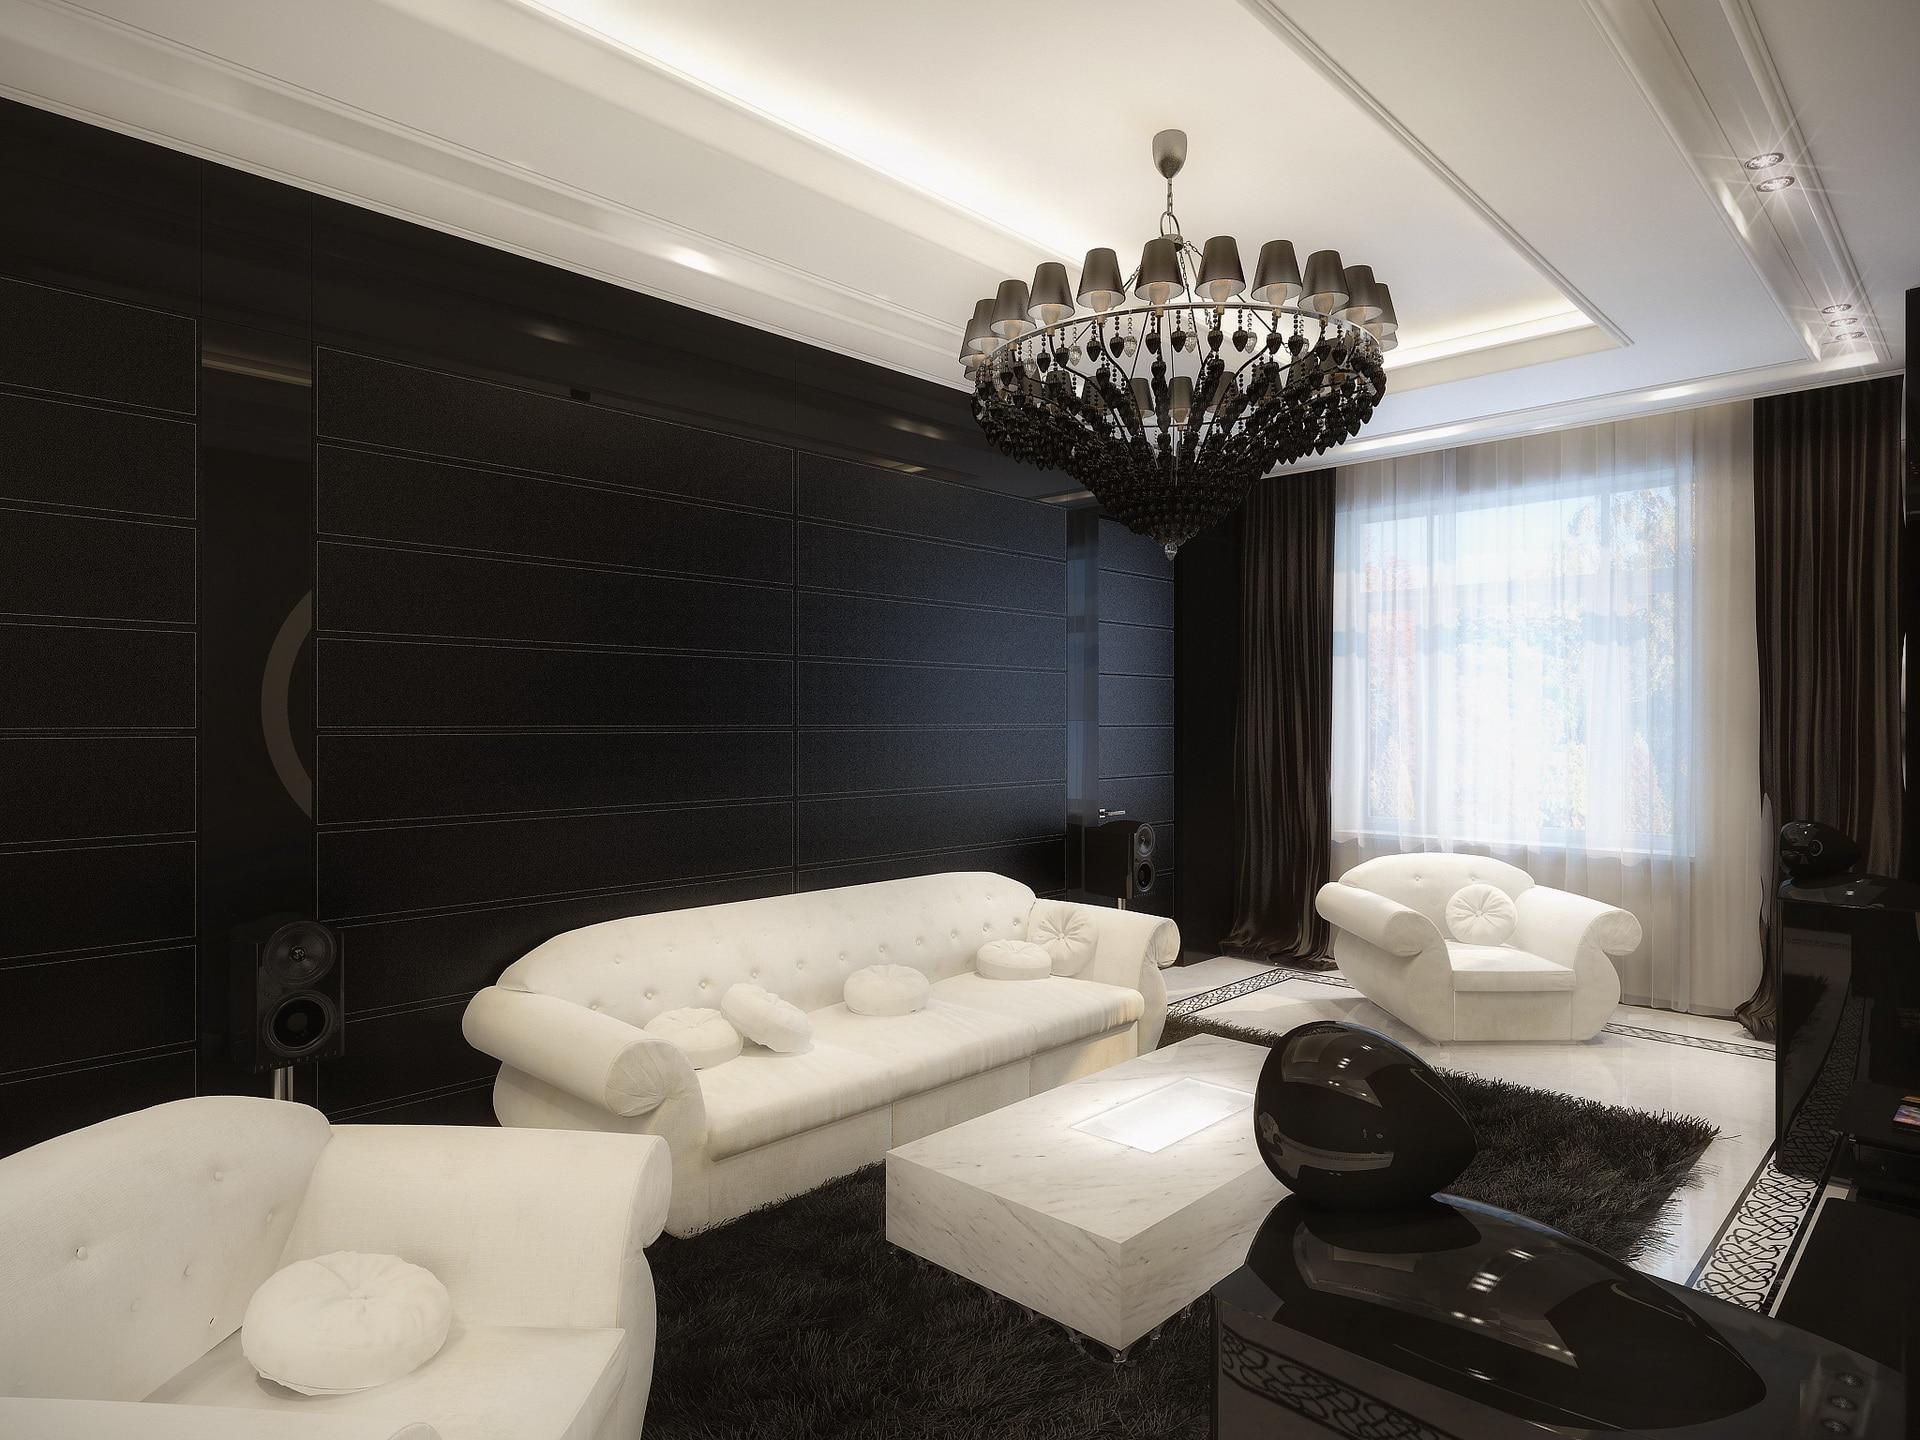 Decoraci n de interiores estilo retro fotos de dise os construye hogar - Www decoracion de interiores ...